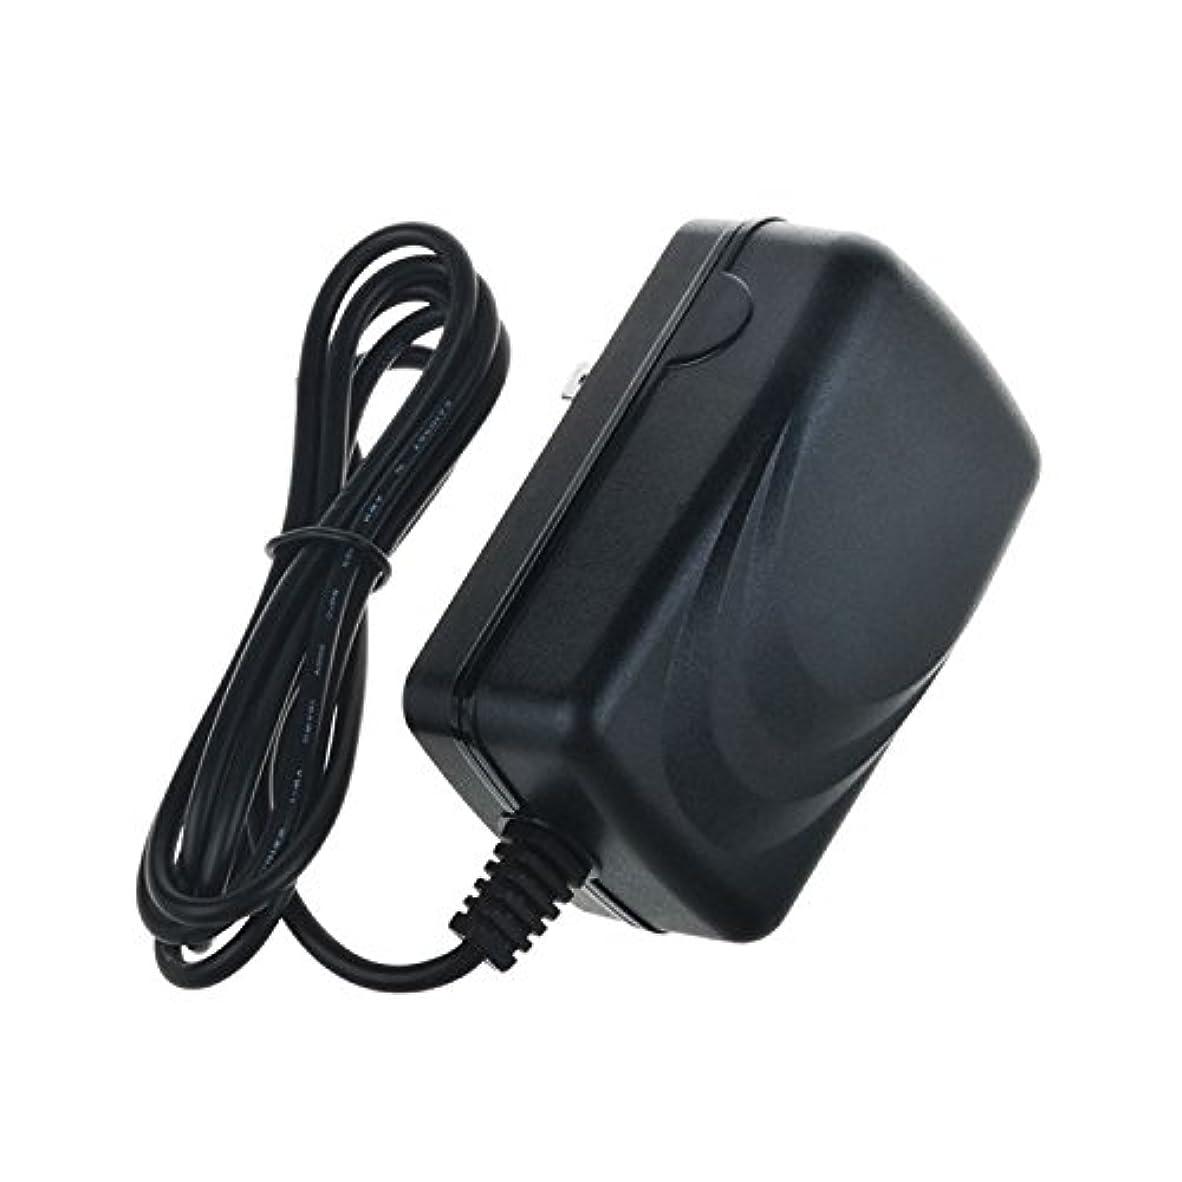 確保するシンプトン借りているPK Power 4フィート 小型ACアダプター電源壁ケーブル充電器 電源コード CZHシリーズFM PLL ステレオ LCD FM アンプ送信機 CZH-7C 7W FM CZH-5C 1W 5W 6W